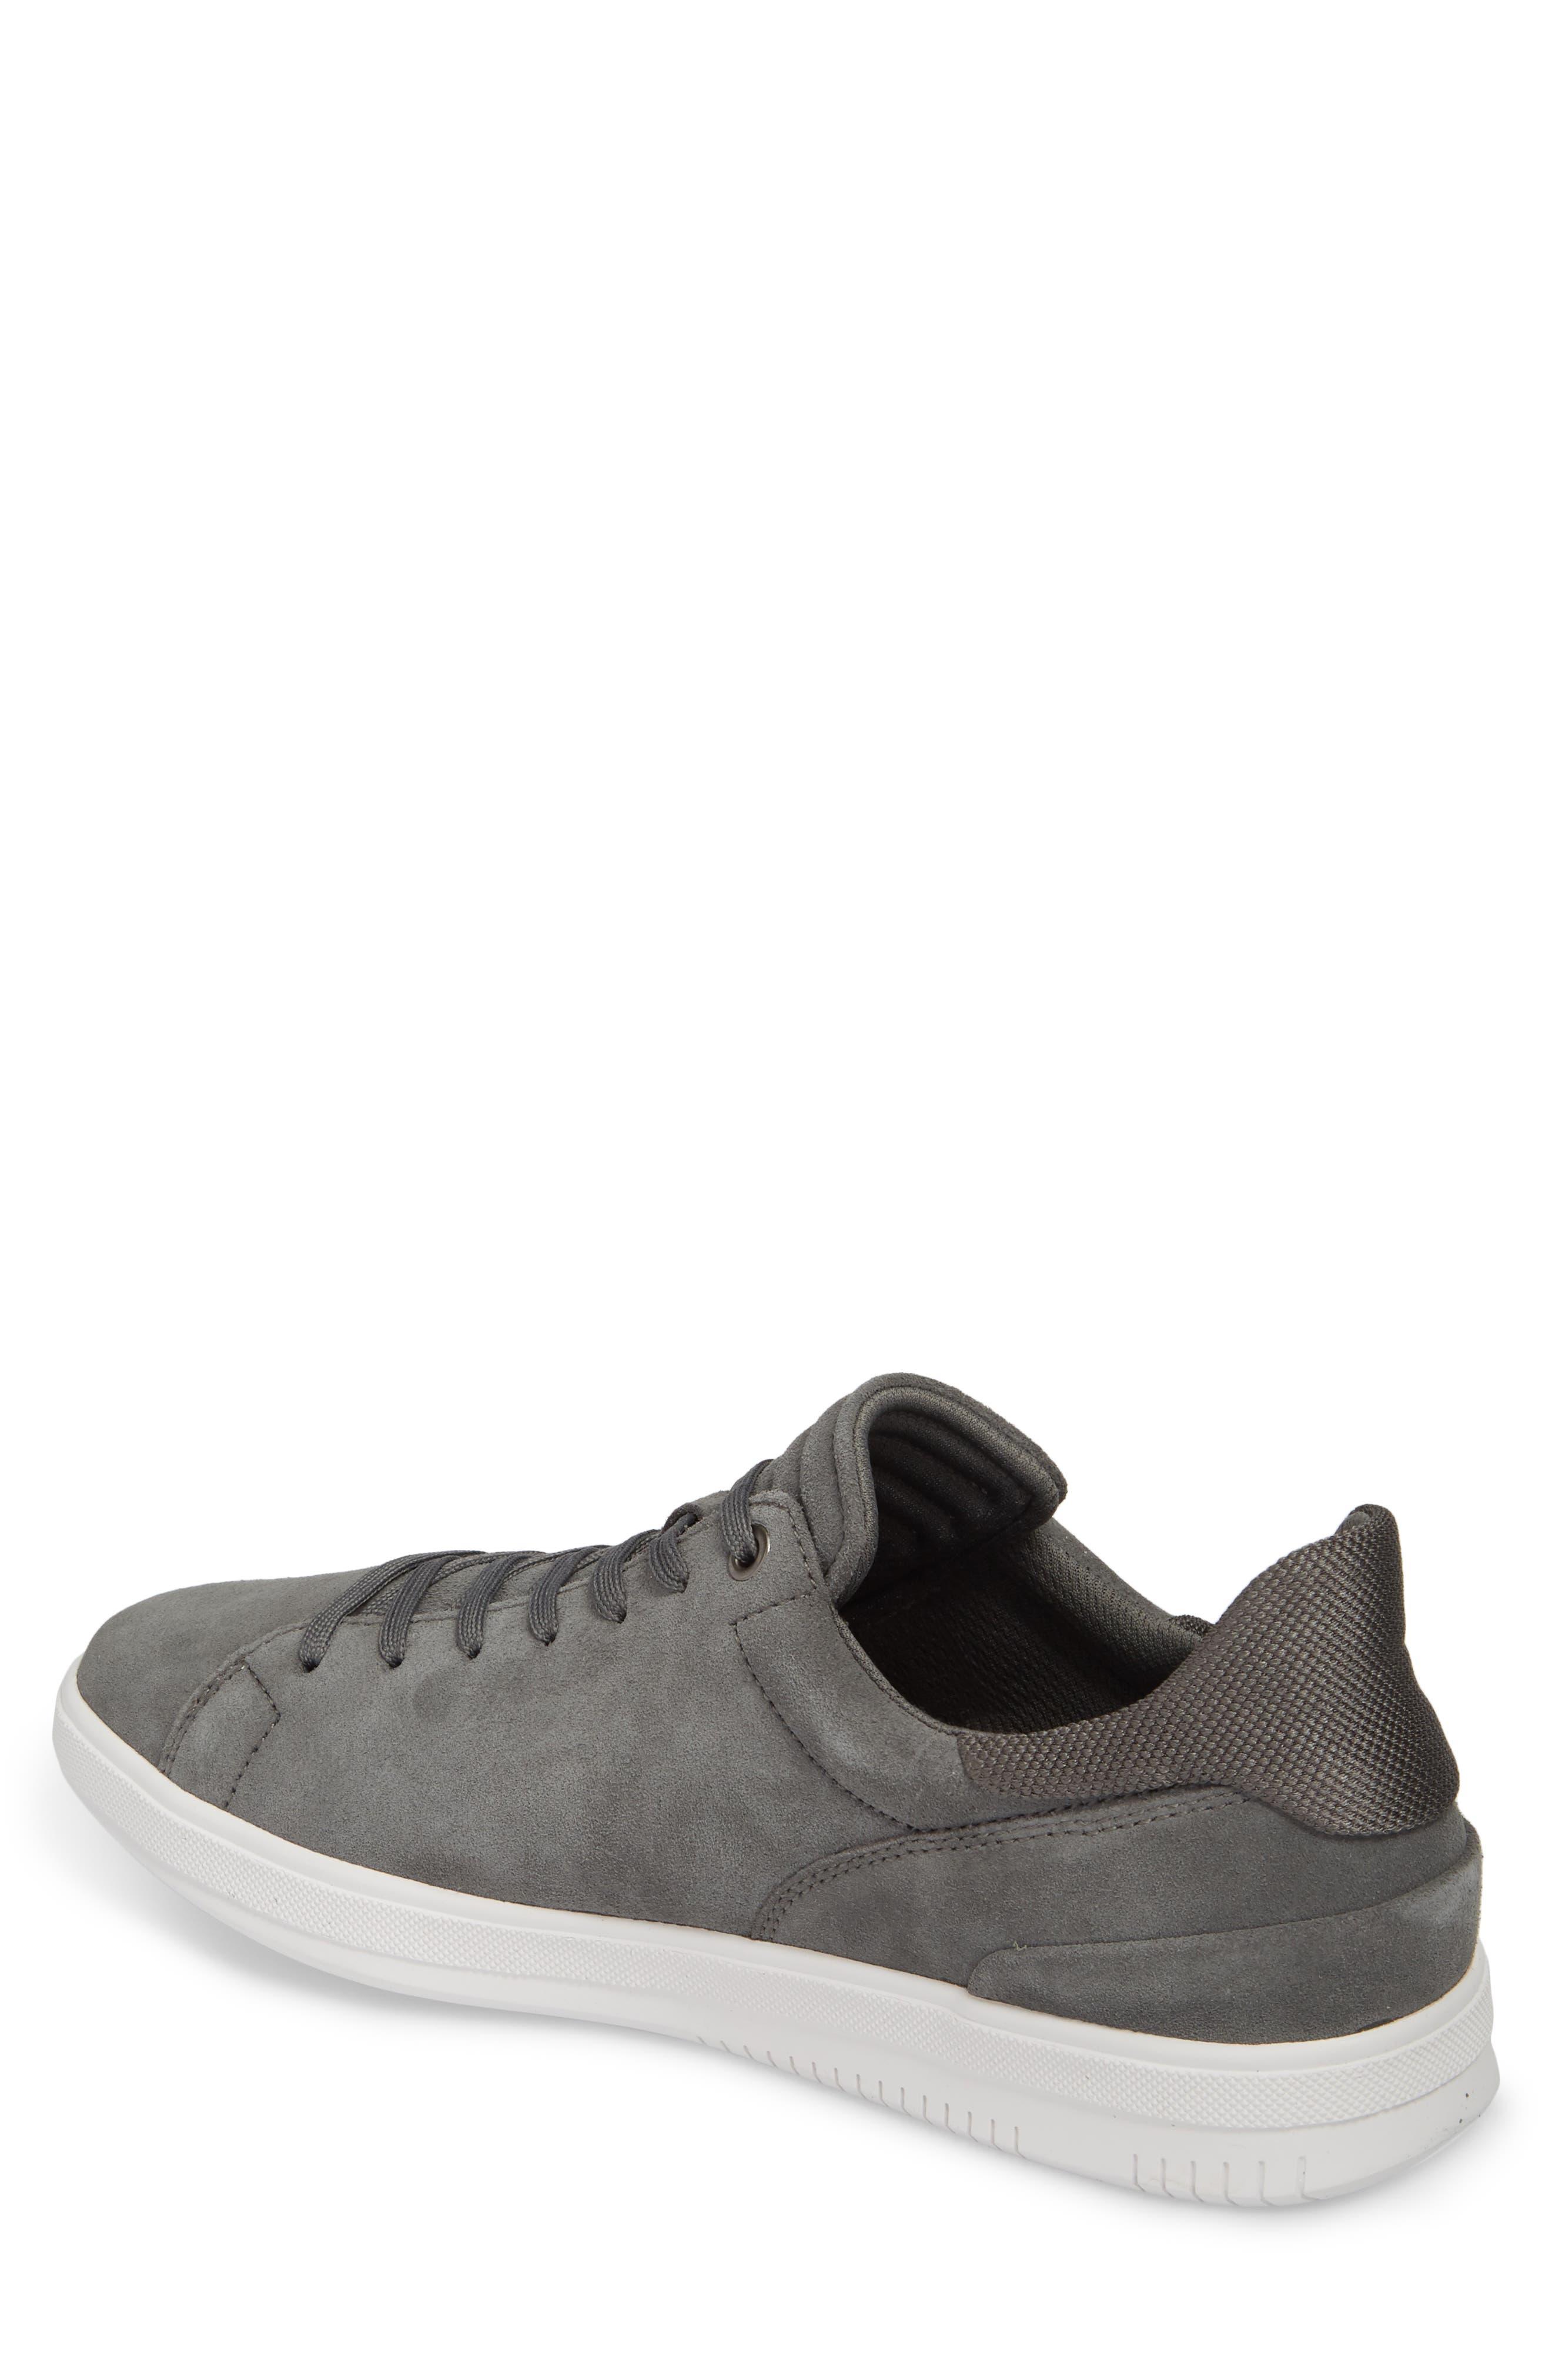 Joe Mama Low Top Sneaker,                             Alternate thumbnail 2, color,                             Grey Suede